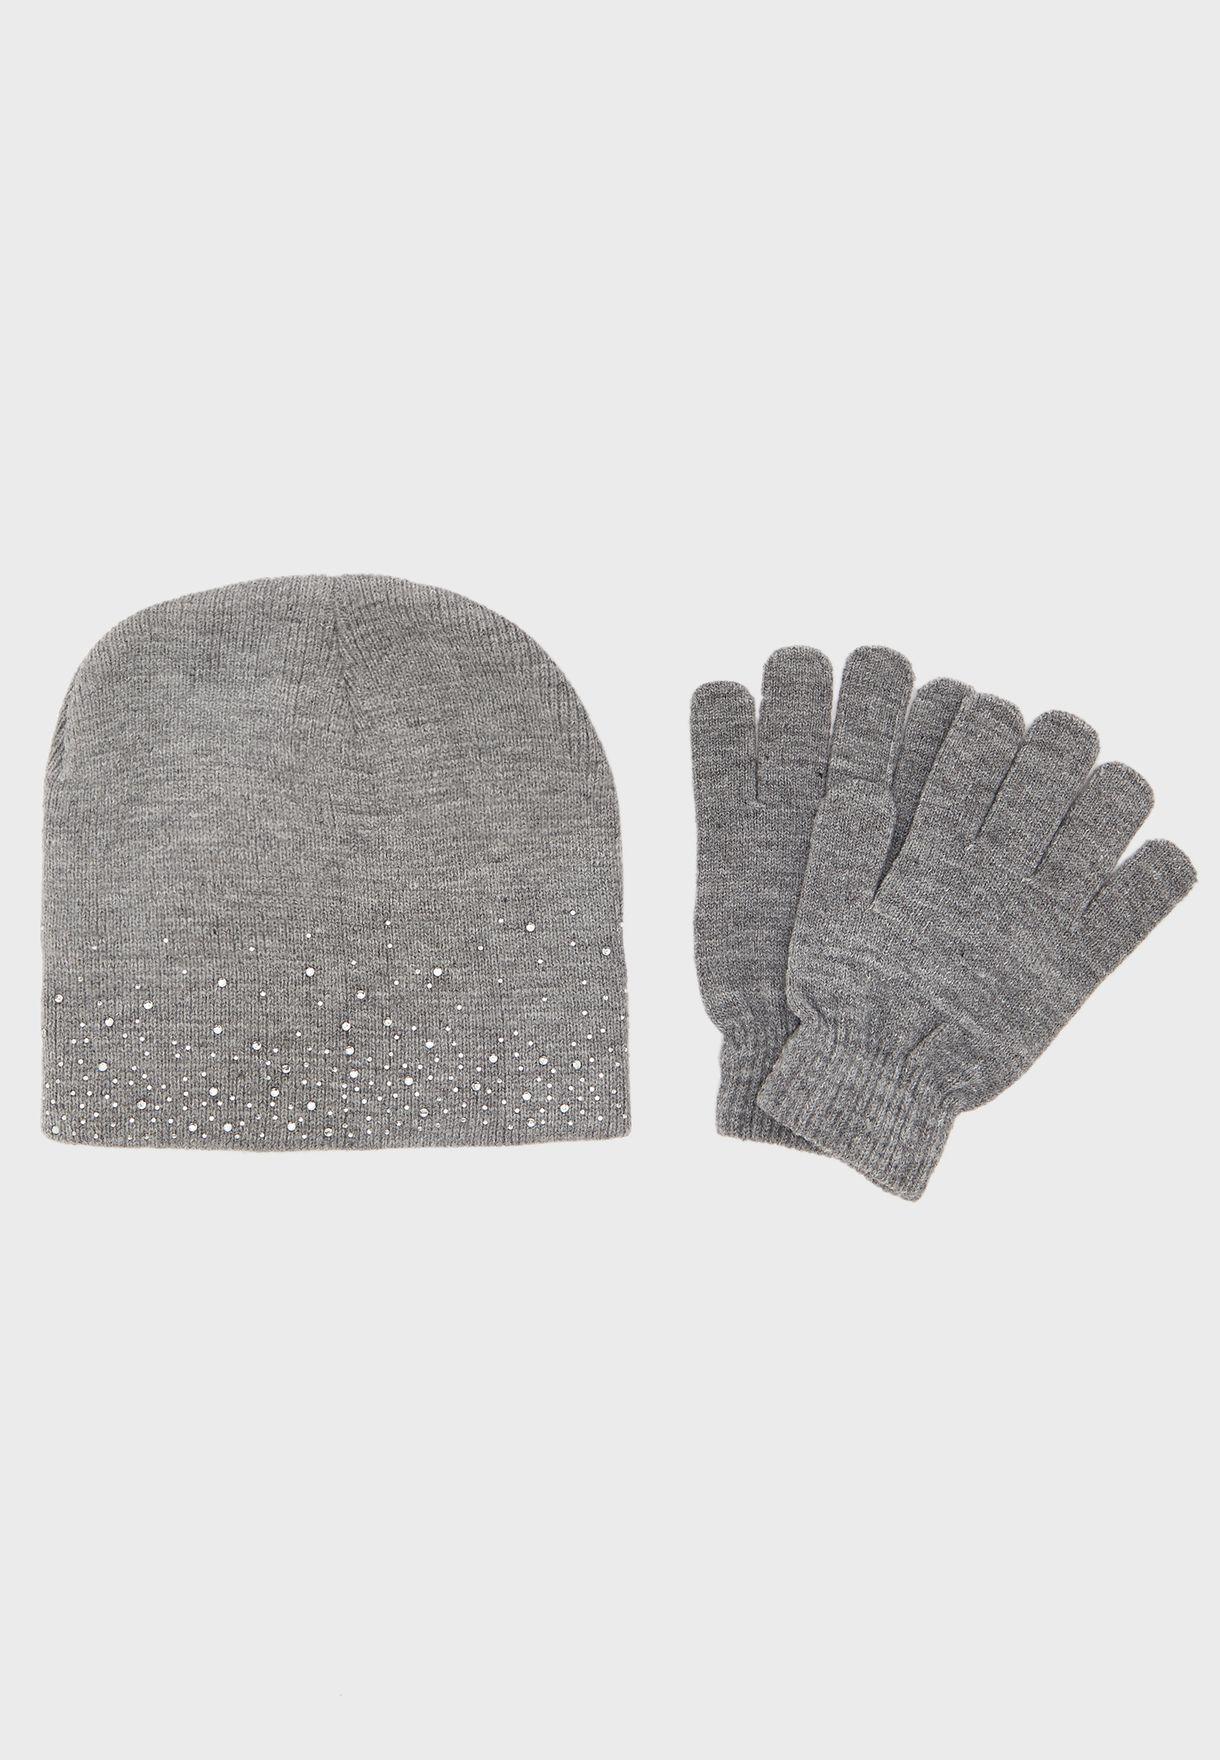 قبعة وقفازات محبوكة